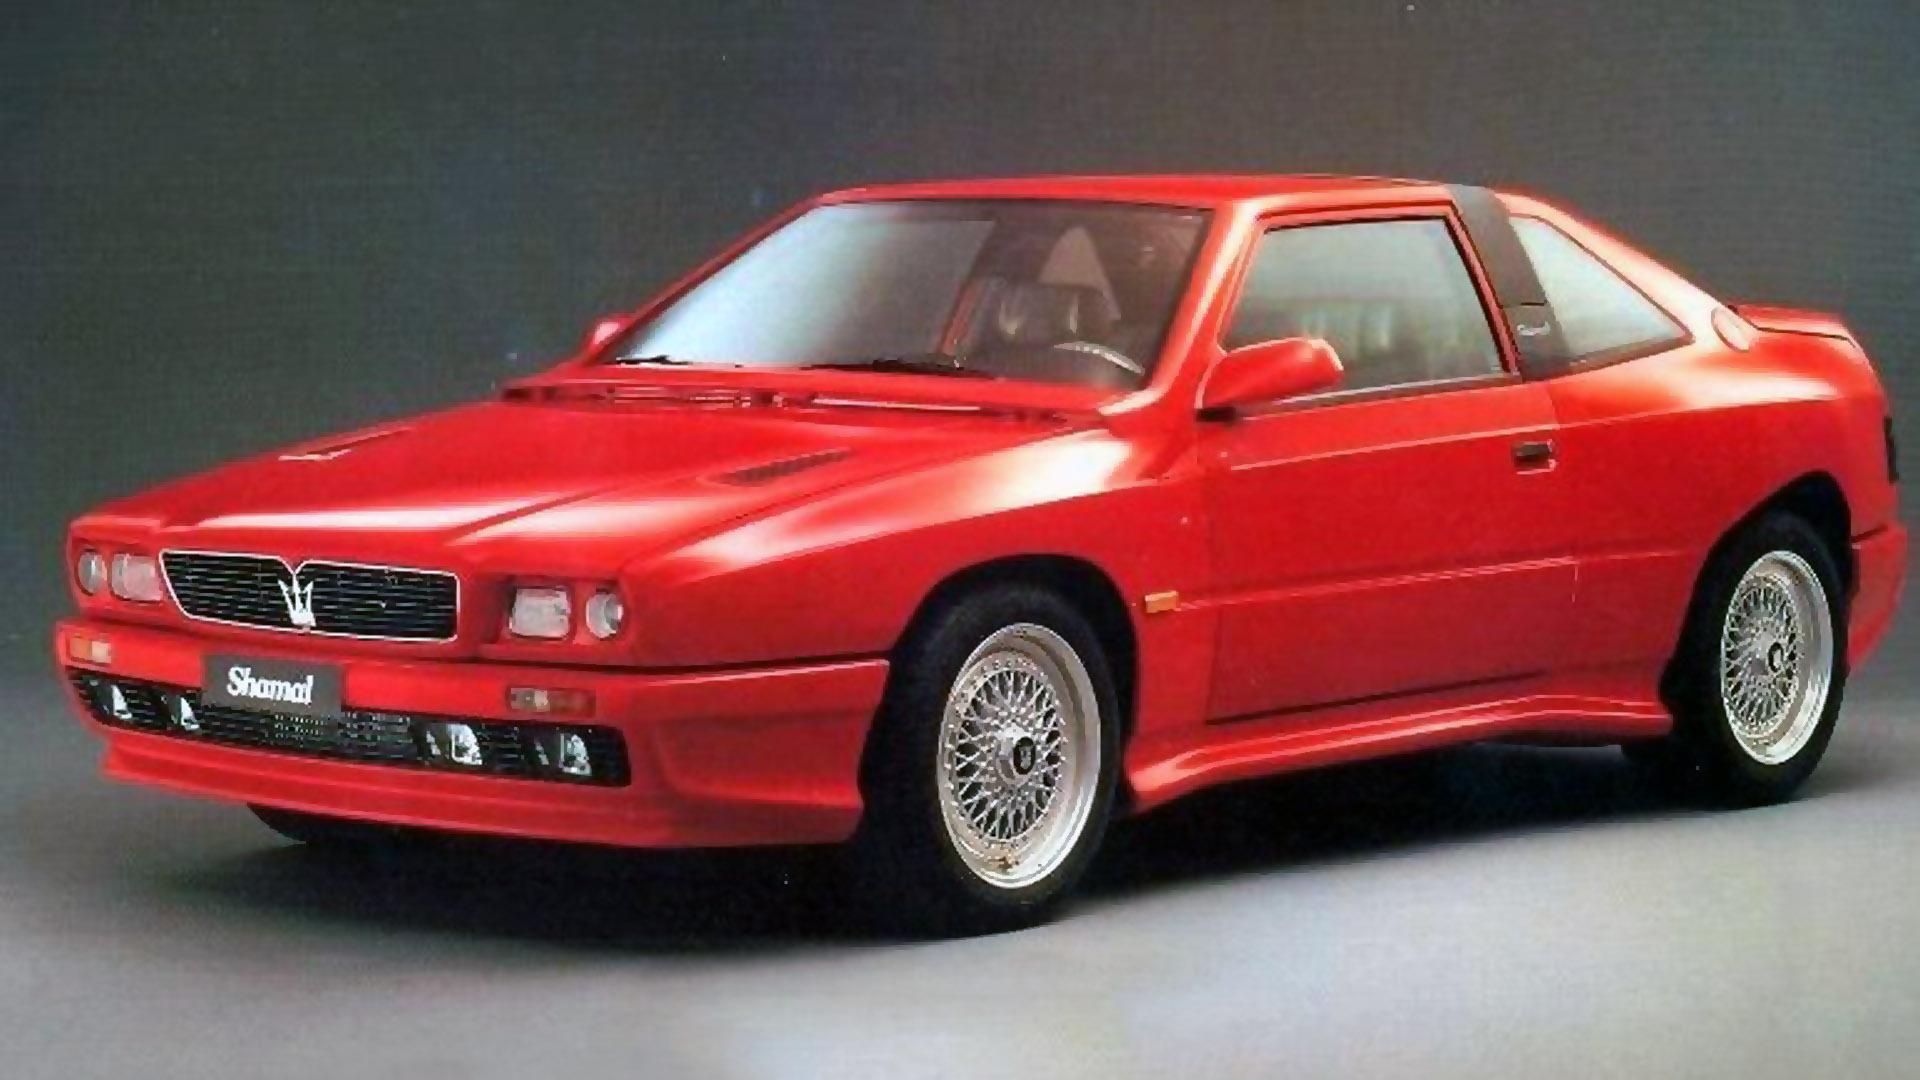 Coche del día: Maserati Shamal Prototipo